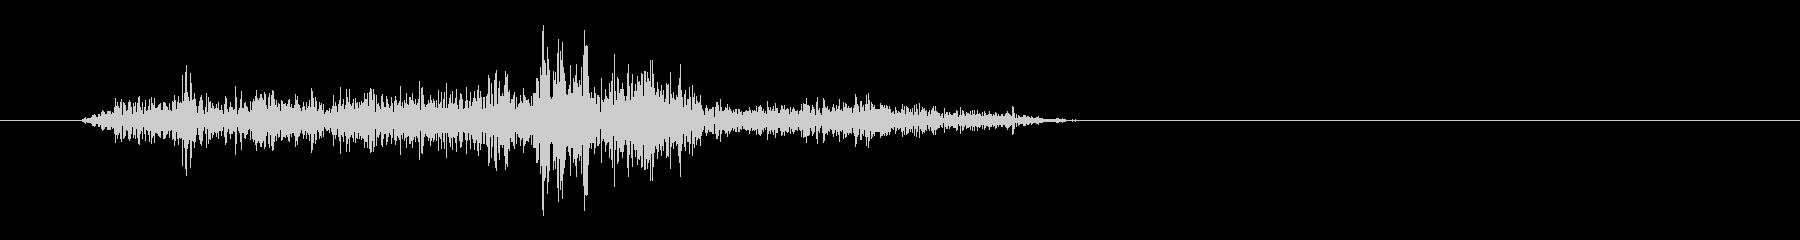 シャッ(物が擦れる音)の未再生の波形